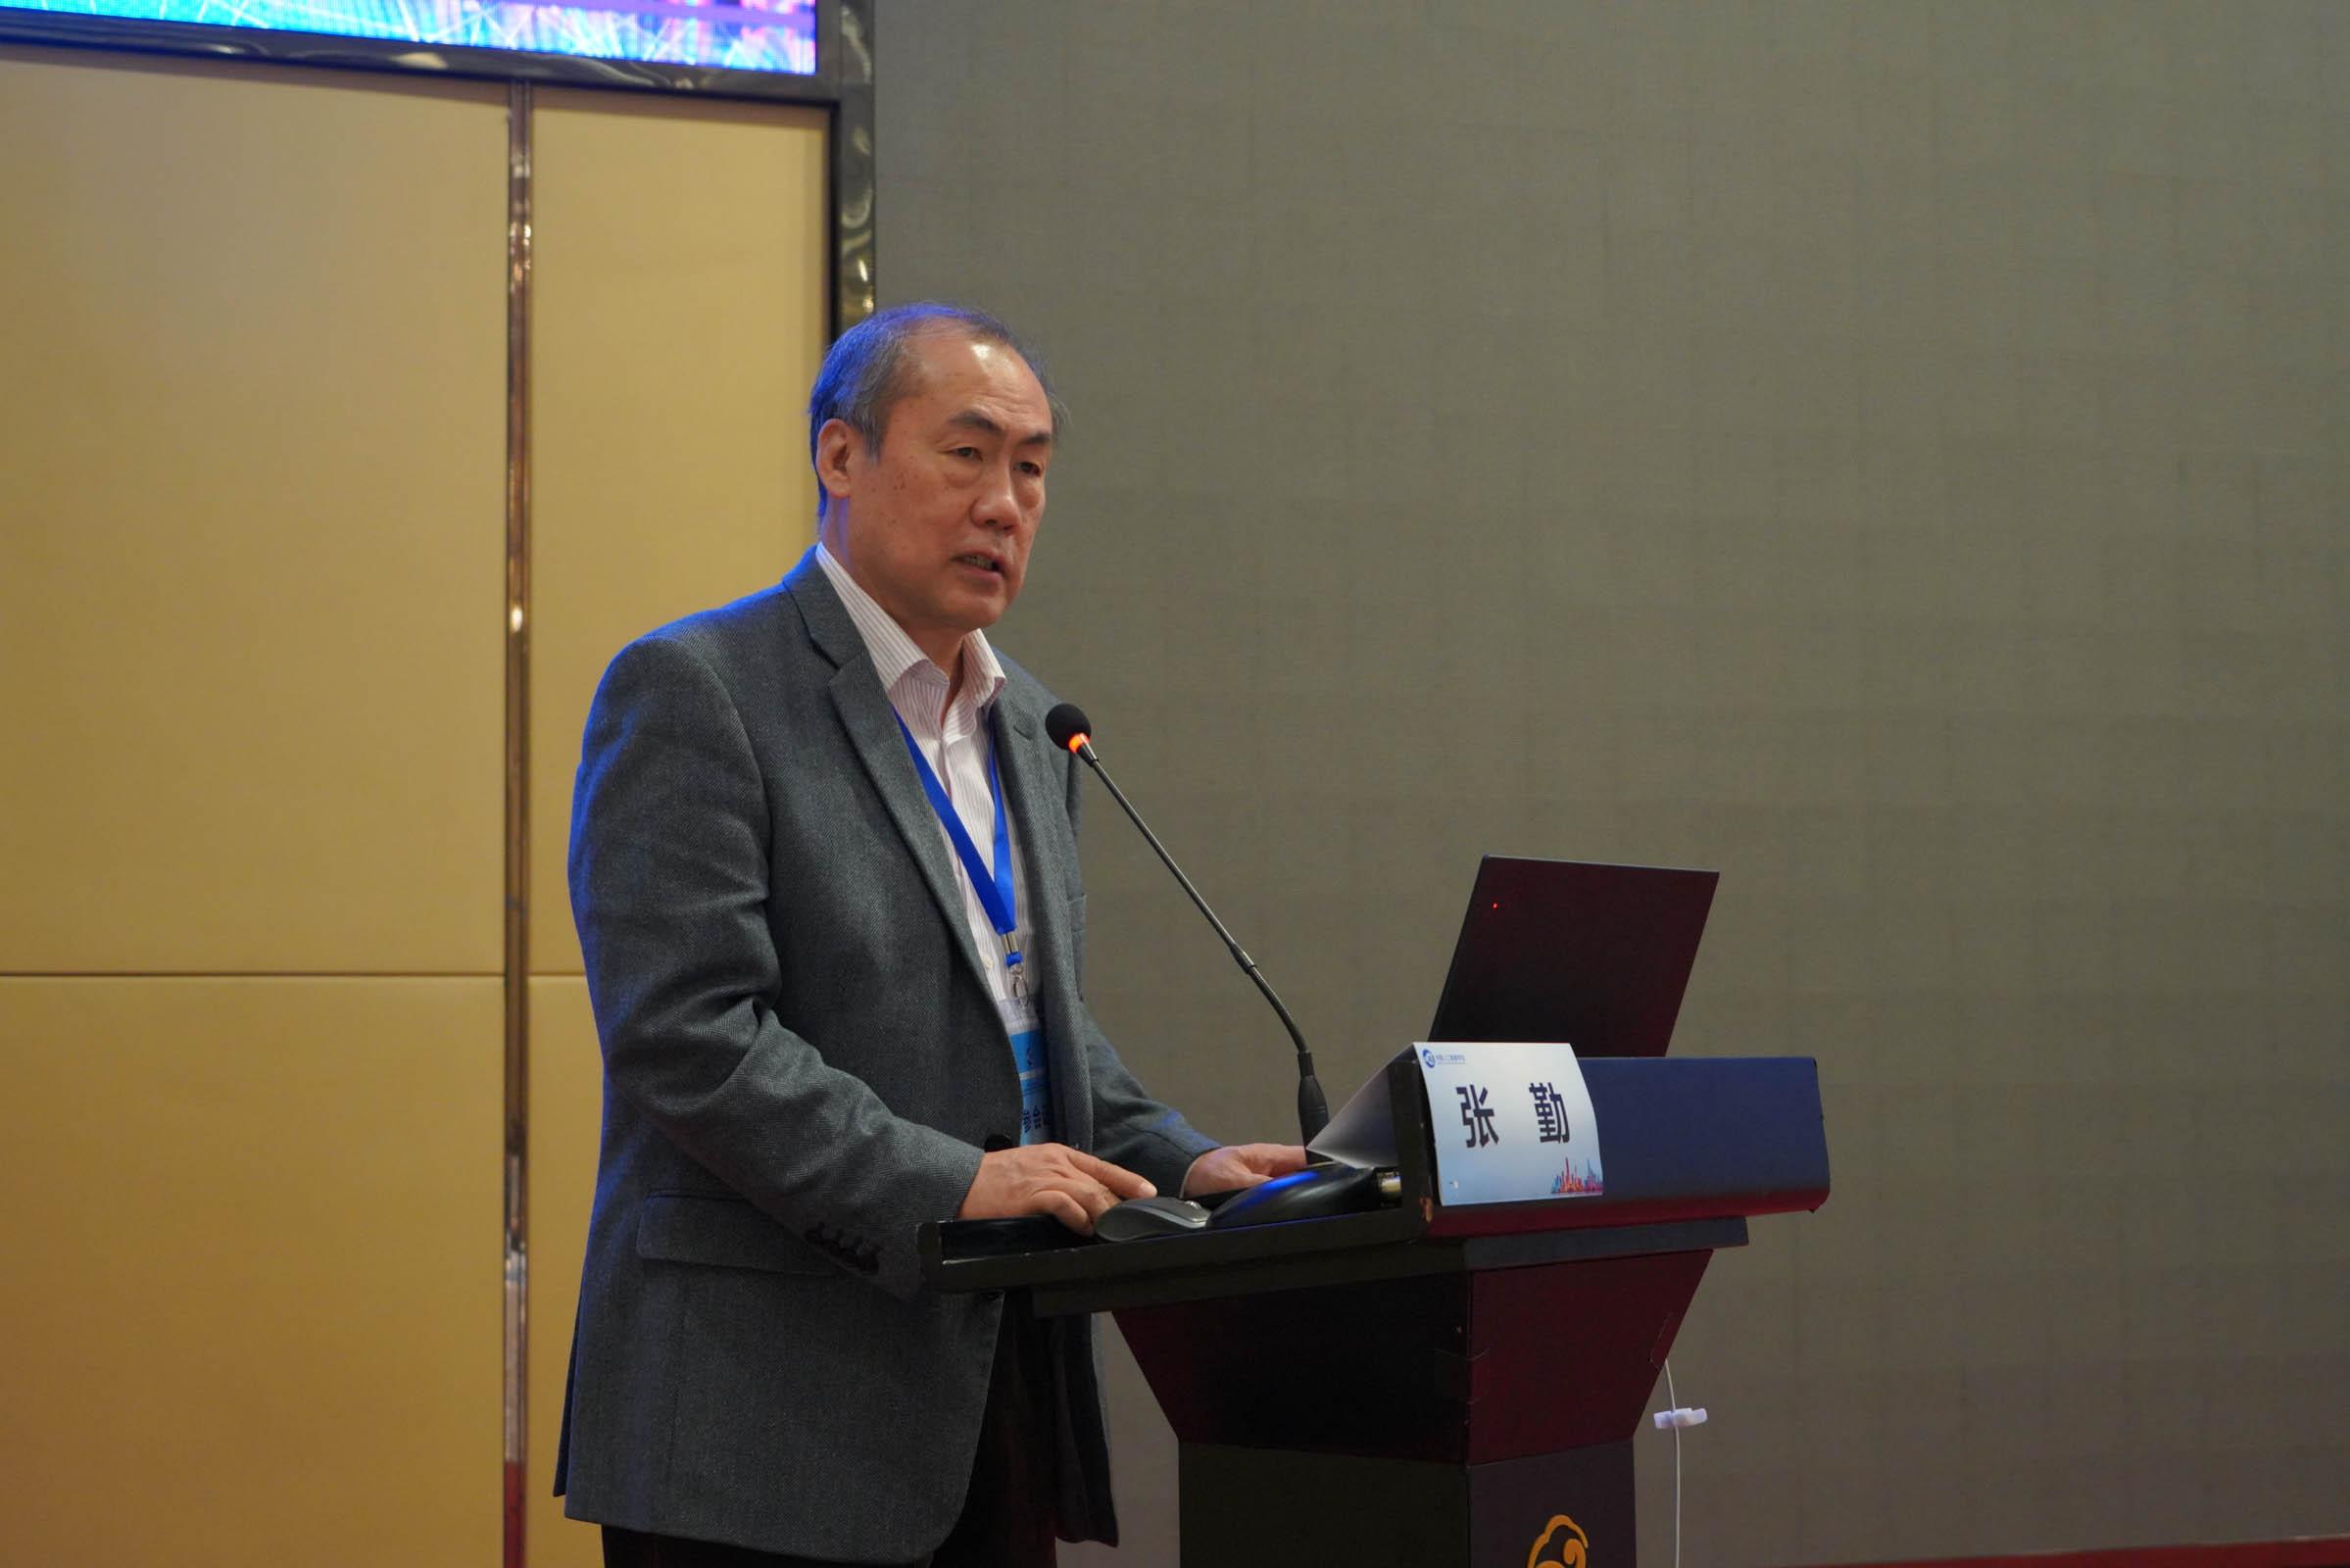 人工智能与医学诊疗相遇 2020年度智慧医疗学术会议在广州召开